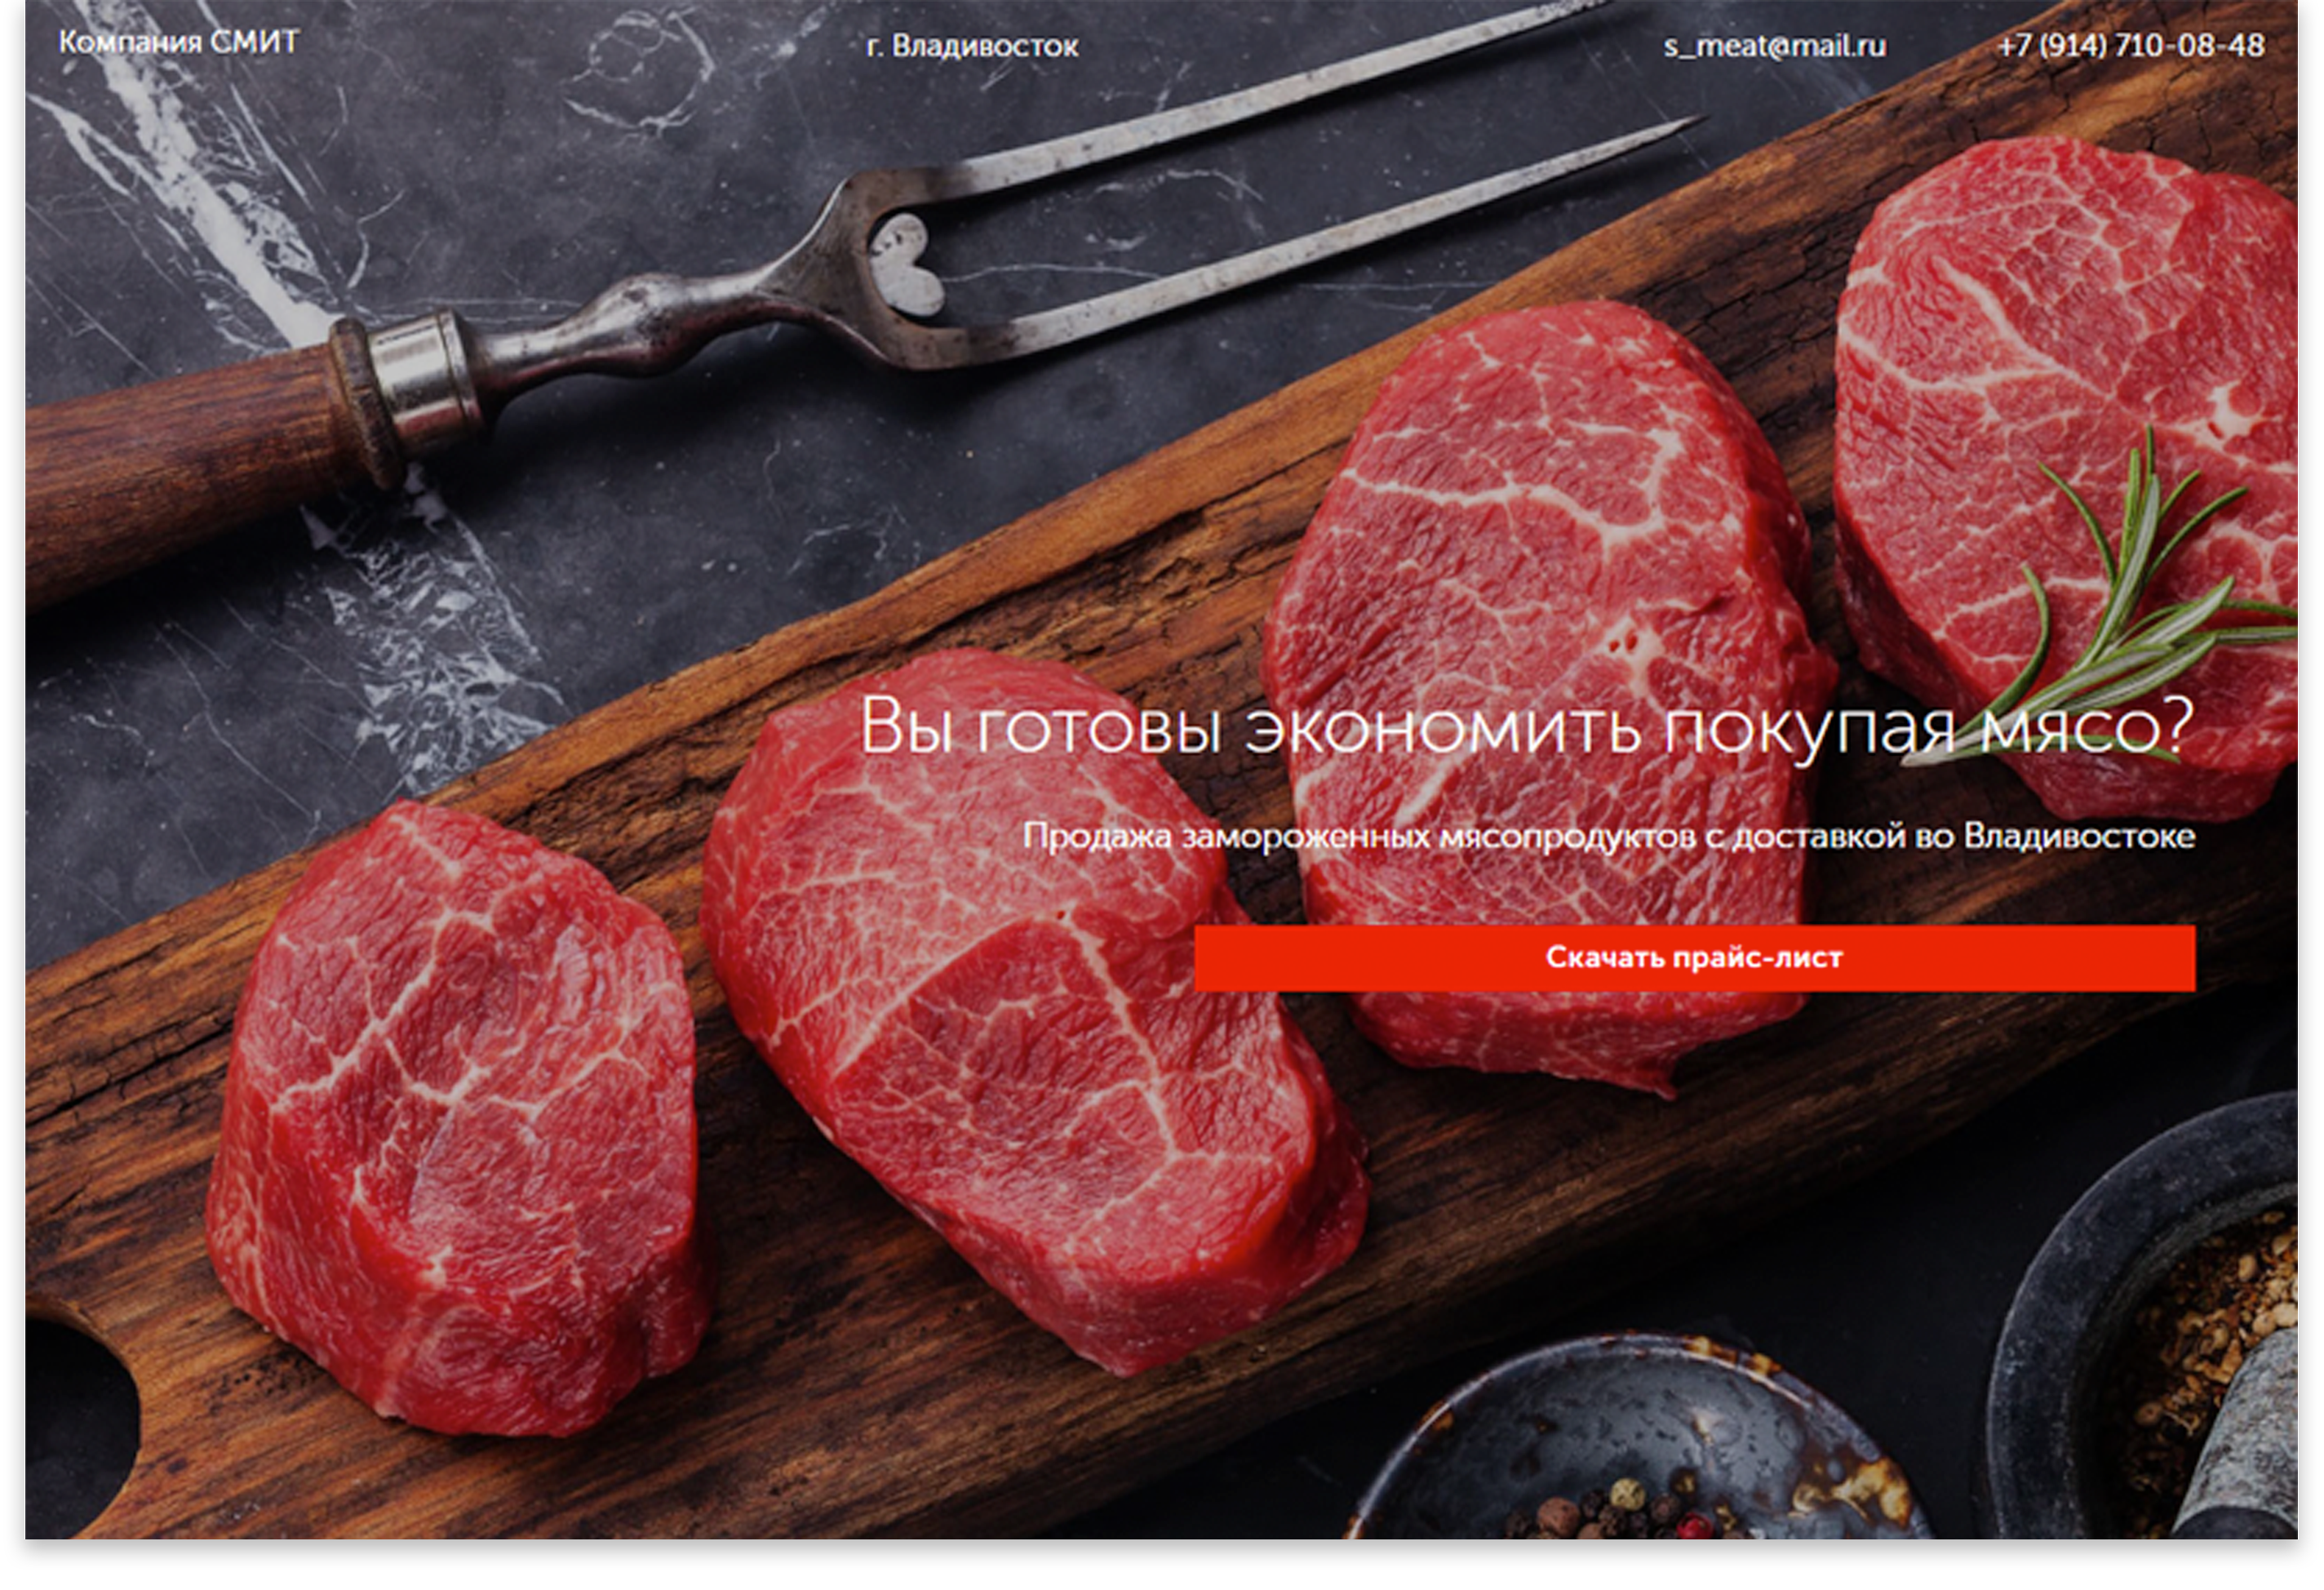 Компания СМИТЛендинг для продажи замороженных мясопродуктов во Владивостоке